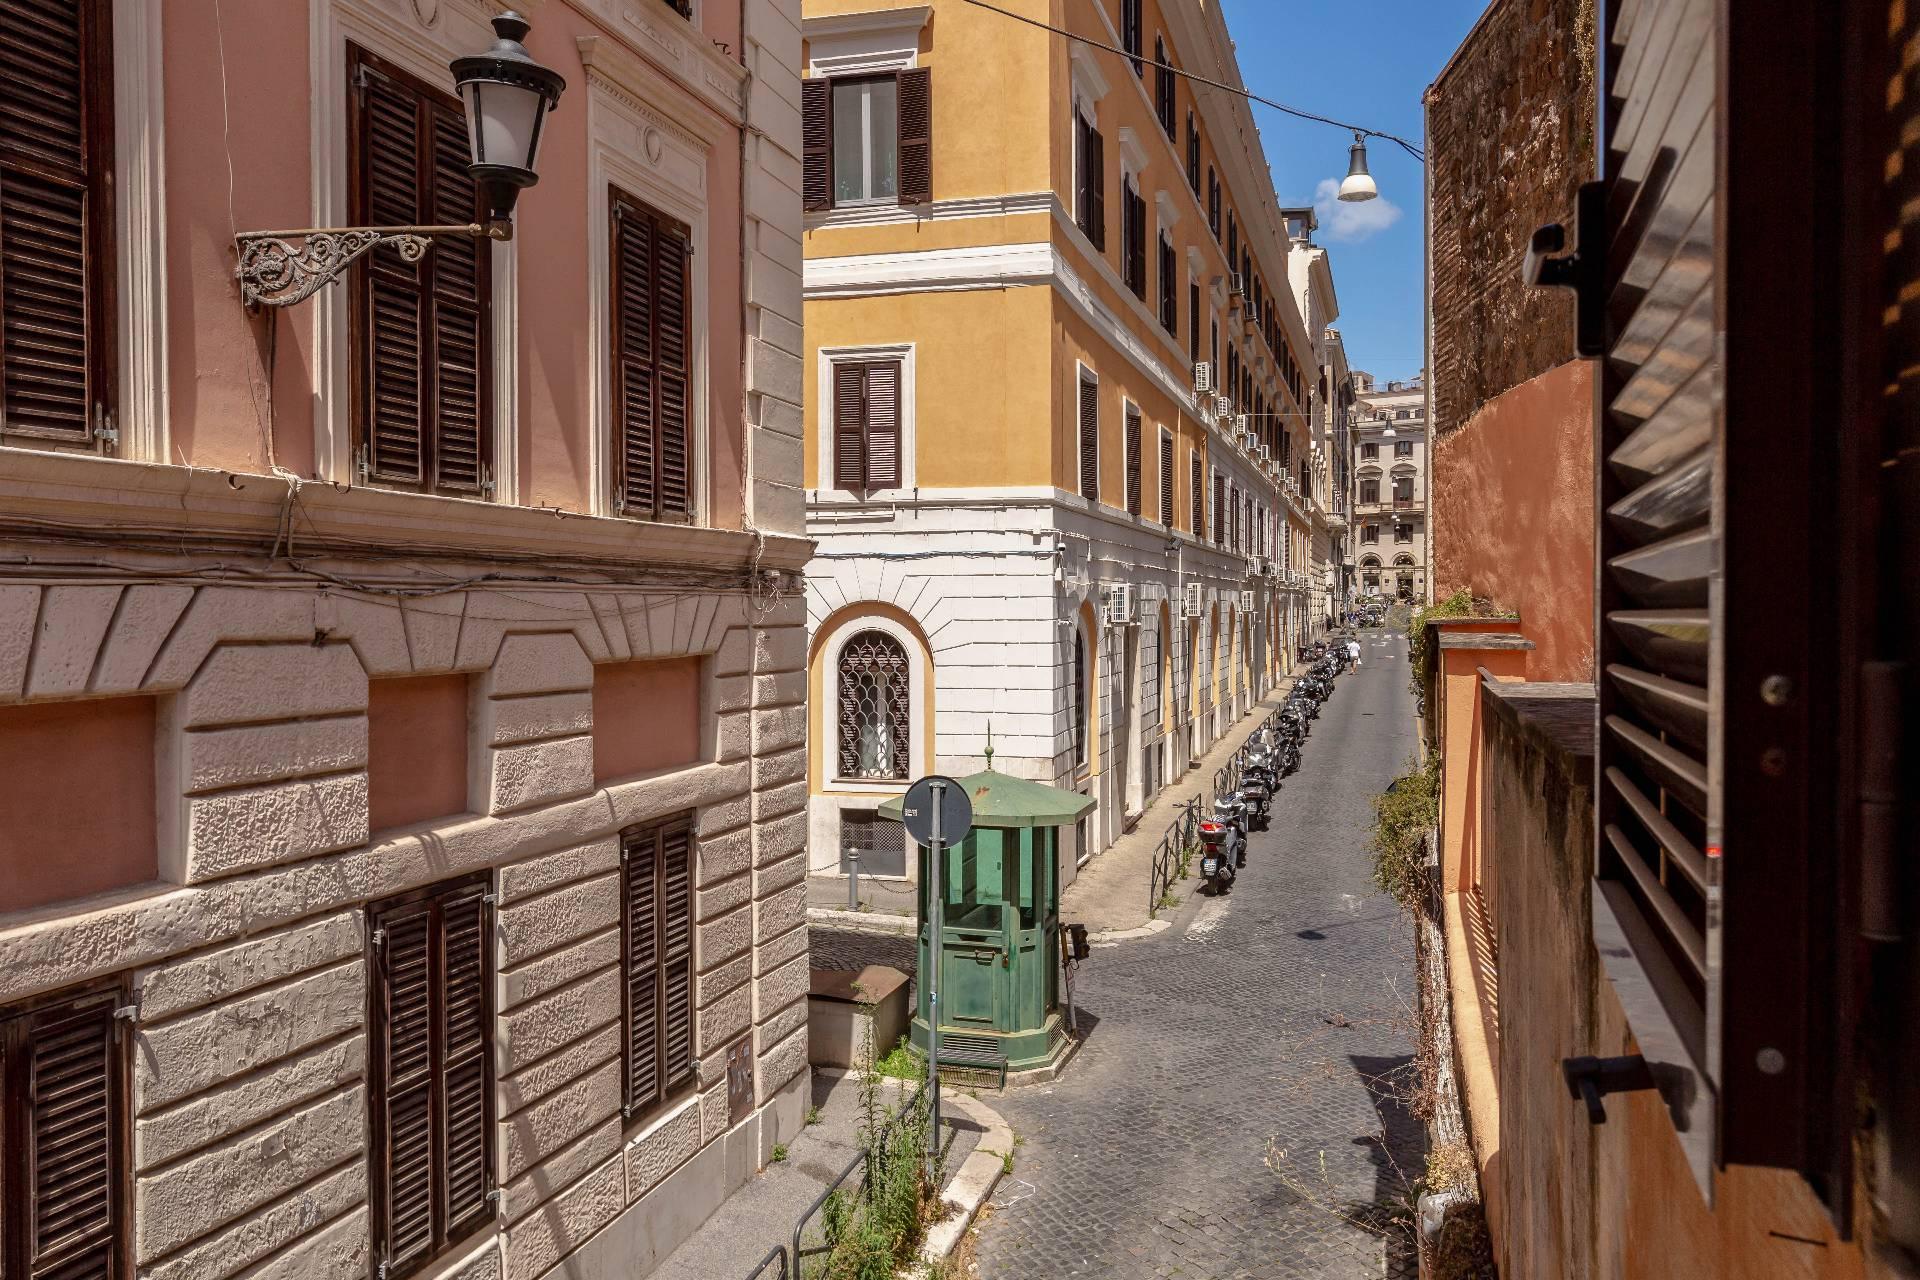 Casa indipendente in Vendita a Roma: 3 locali, 66 mq - Foto 15